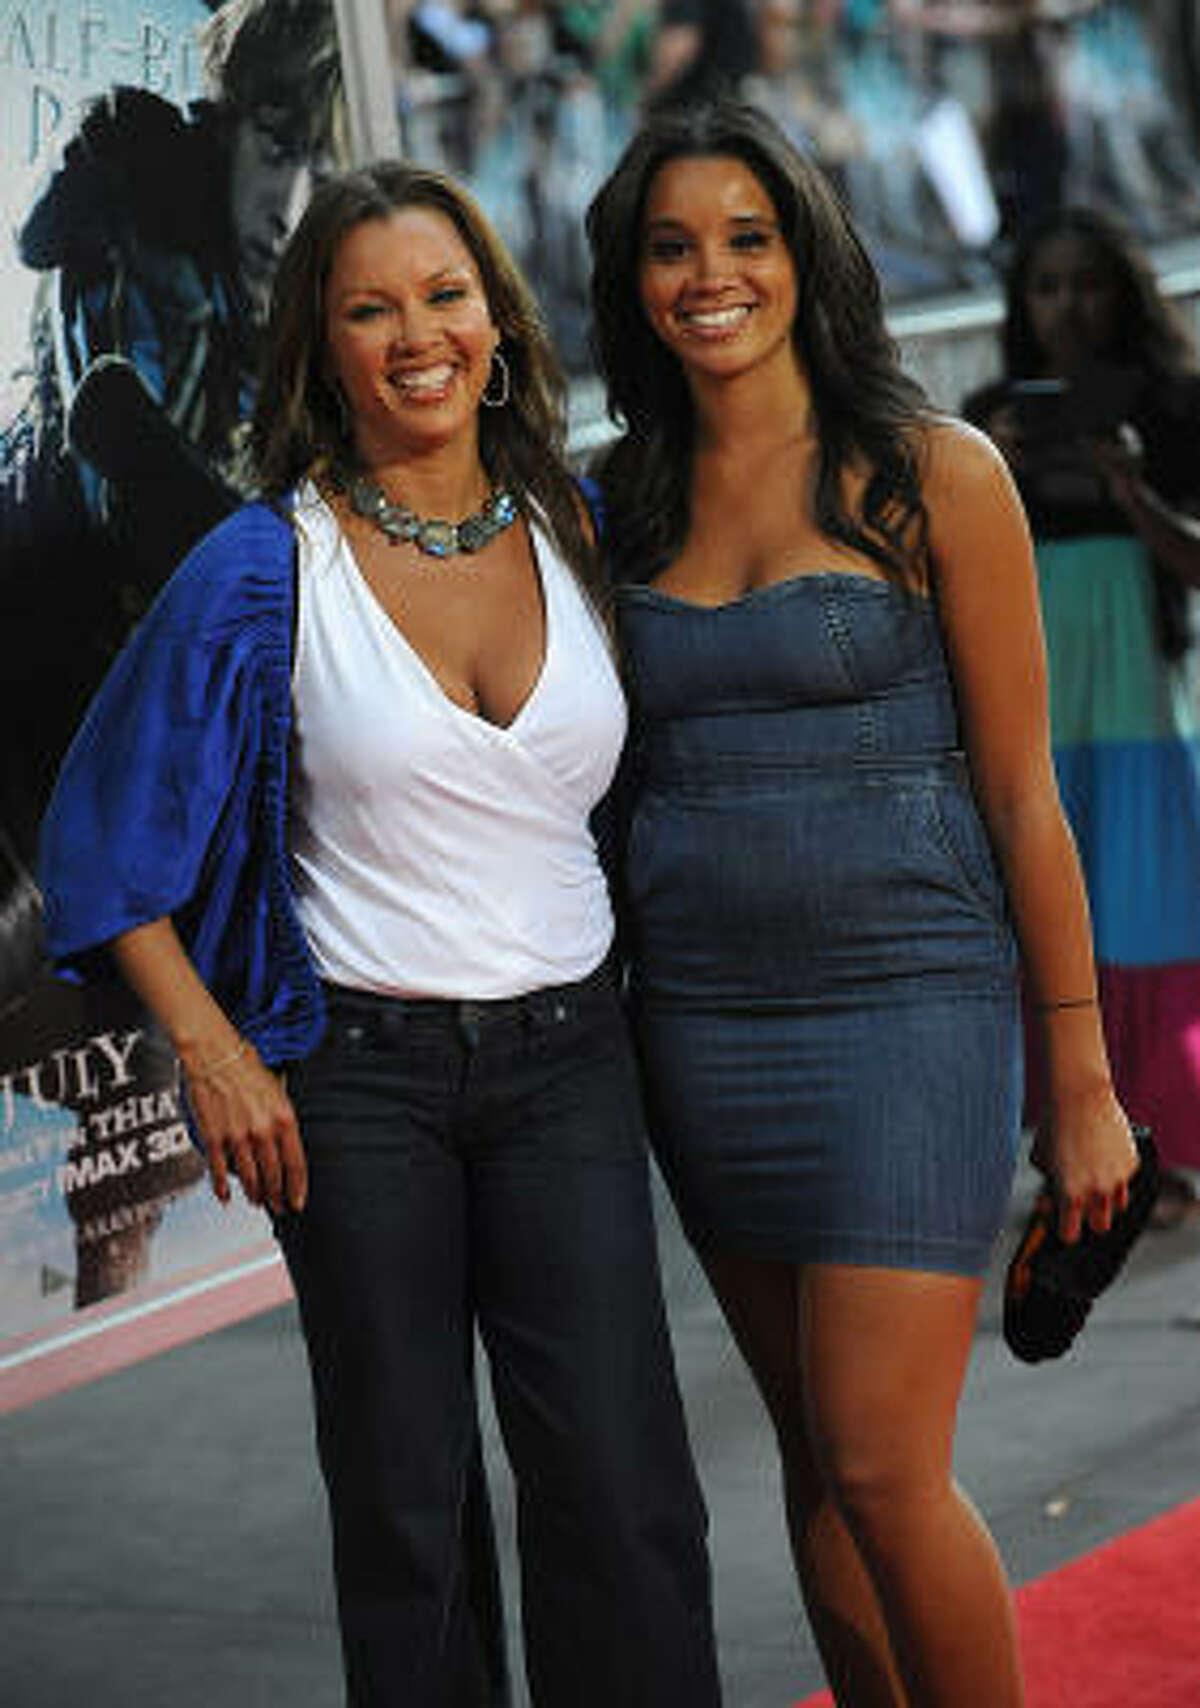 Vanessa Williams and Sasha Fox